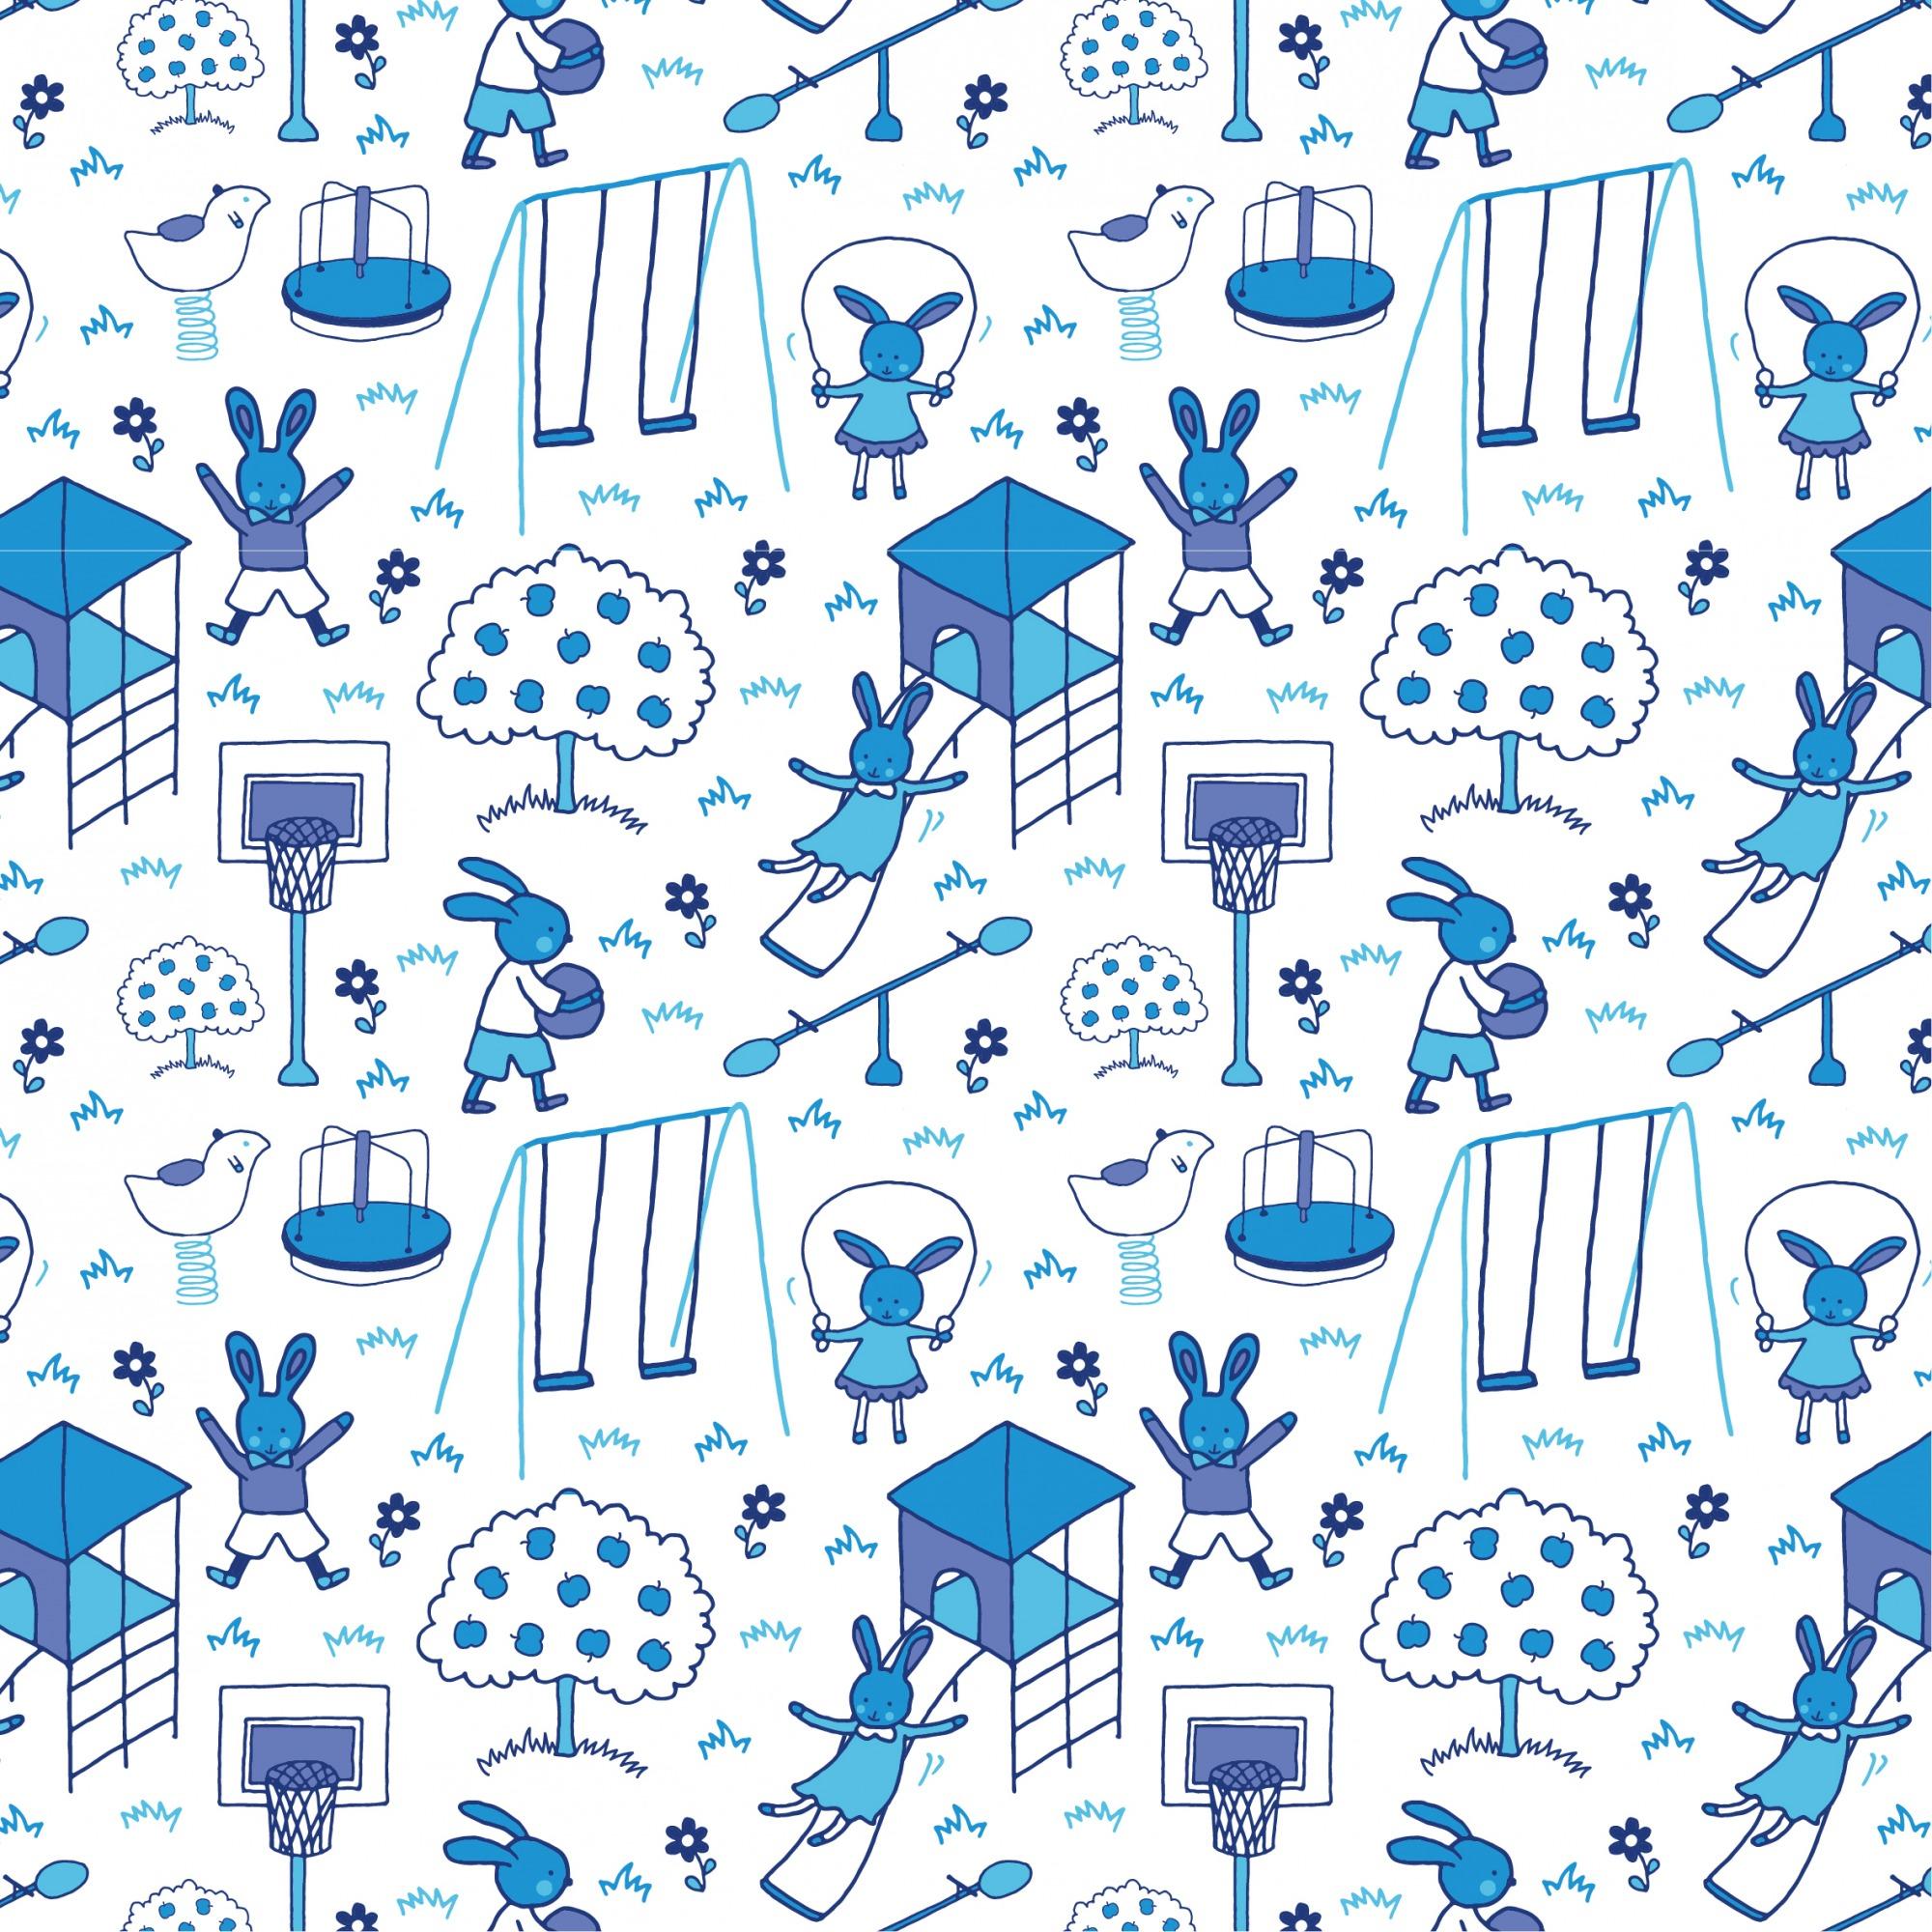 Motif enfantin - POP'Home, Pop Home, produits éco-responsables, produits éco-responsables français, produits éco-responsables made in France, produits personnalisés, produits personnalisés français, produits personnalisés made in France, produits personnalisables, produits personnalisables français, produits personnalisables made in France, produits made in France, produits français, textiles éco-responsables, textiles éco-responsables français, textiles éco-responsables made in France, textiles français, textiles made in France, textiles personnalisés, textiles personnalisés français, textiles personnalisés made in France, textiles personnalisables, textiles personnalisables français, textiles personnalisables made in France, motif enfantin, motif géométrique, motif abstrait, motif fleuri, motif figuratif, textiles à motifs, textile à motifs, produits à motifs, produit à motifs, produits à personnaliser, produits salle de bain, produits maison, produits salle de bain personnalisables, produits maison personnalisables, papeterie, papeterie personnalisable, papeterie personnalisé, cadeau personnalisé, idée cadeau, idée cadeau personnalisé, cadeau made in France, made in France, produit unique, produit écologique, décoration d'intérieur, motifs, objet unique, objet personnalisé, objet personnalisable, objet made in France, produit made in France, produits écologiques, objets écologiques, créatrice française, designer, Eloïse Abadia-Pacitti